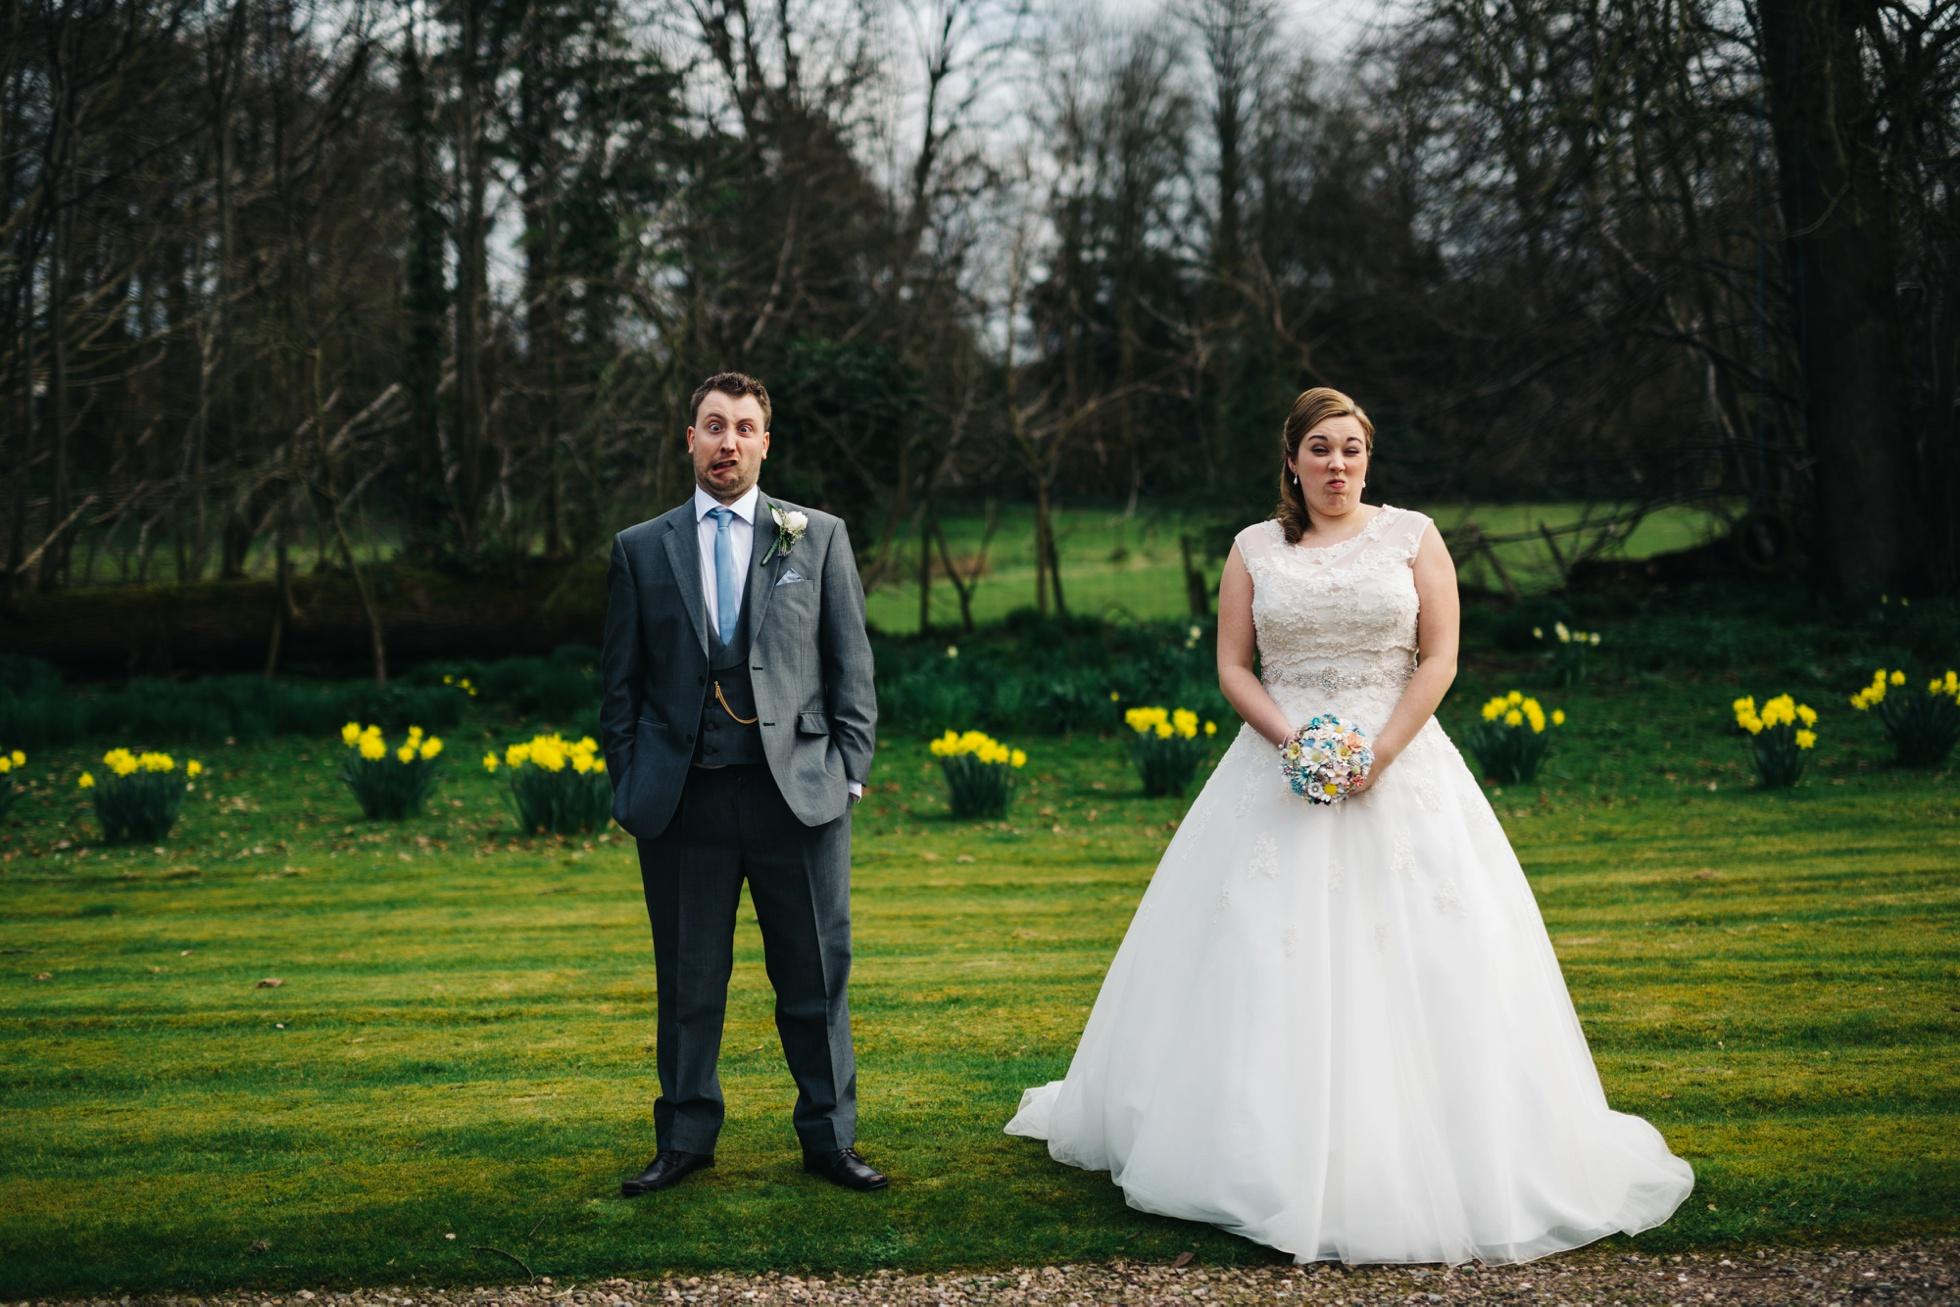 Joanna lipson wedding